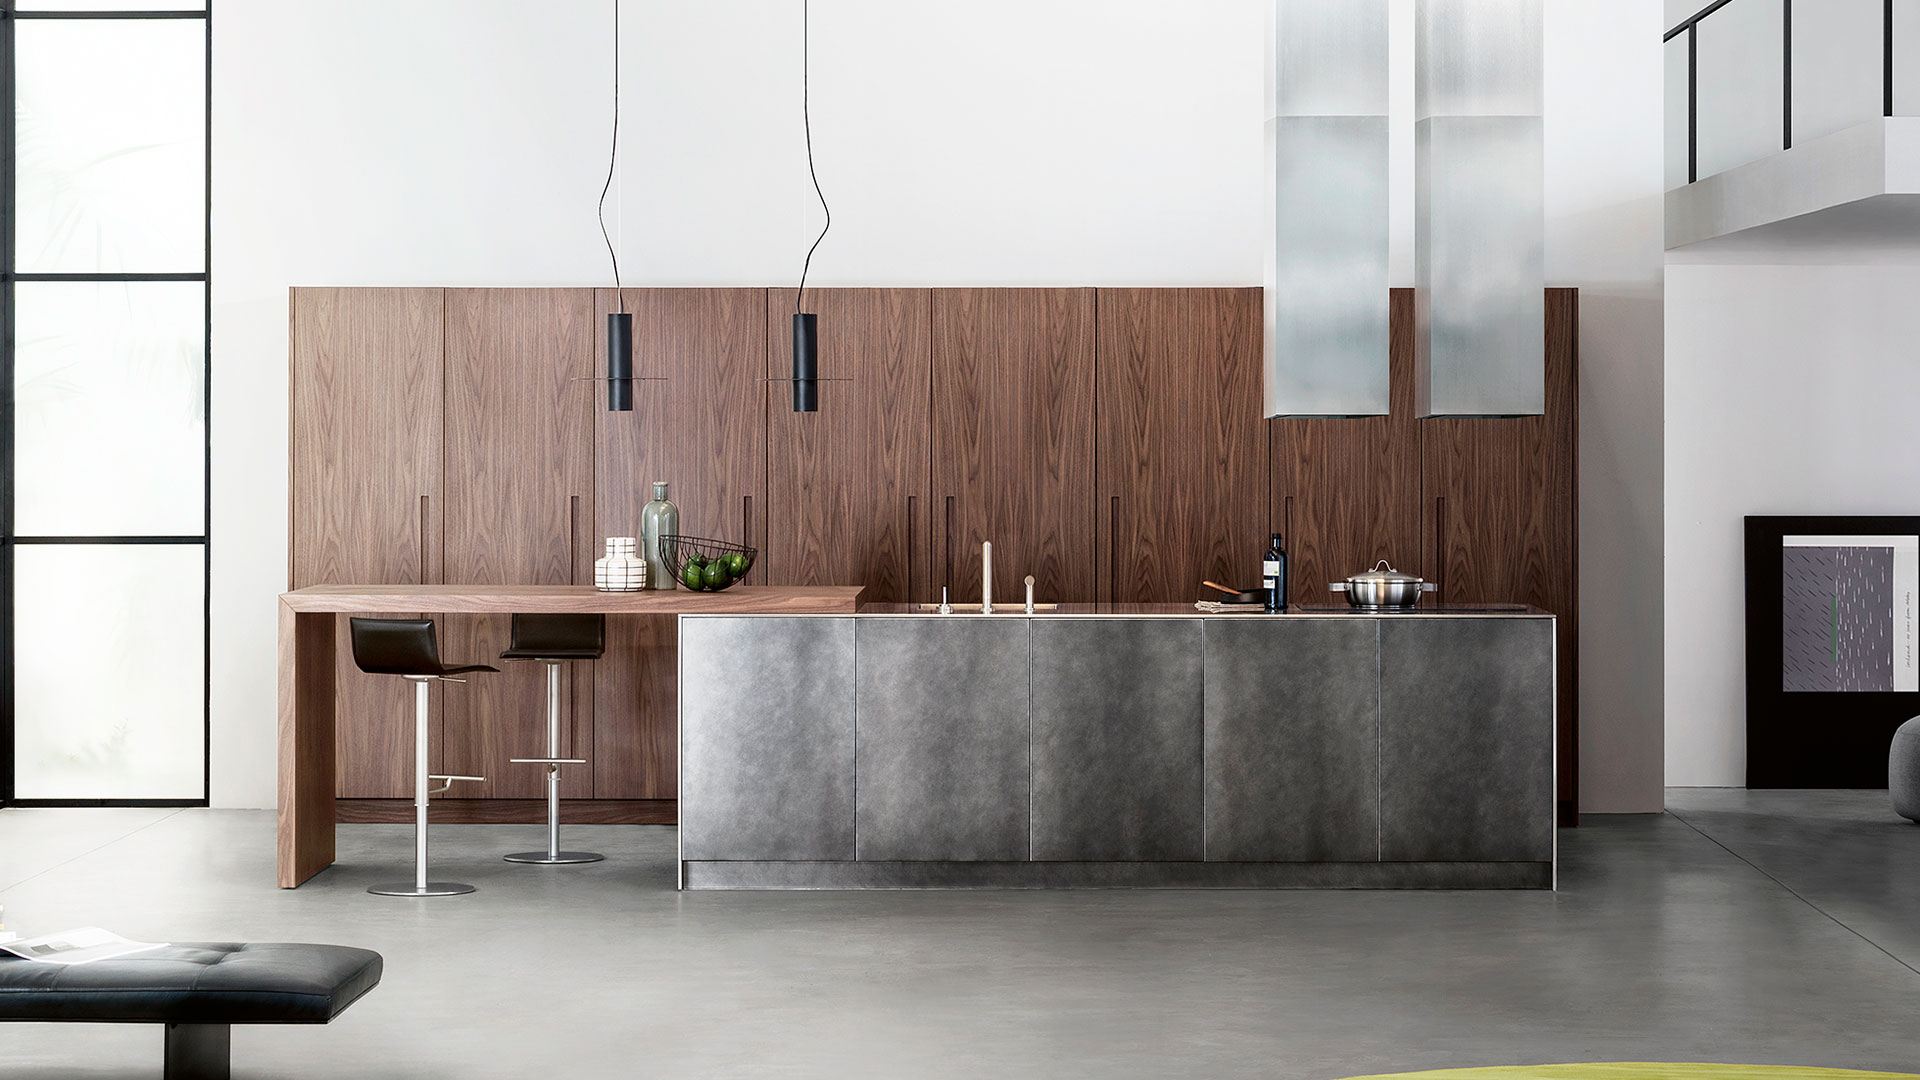 Cucina in legno e acciaio con isola D90 | Collezioni Cucine 2018 TM Italia - TM_CAT_D90_001